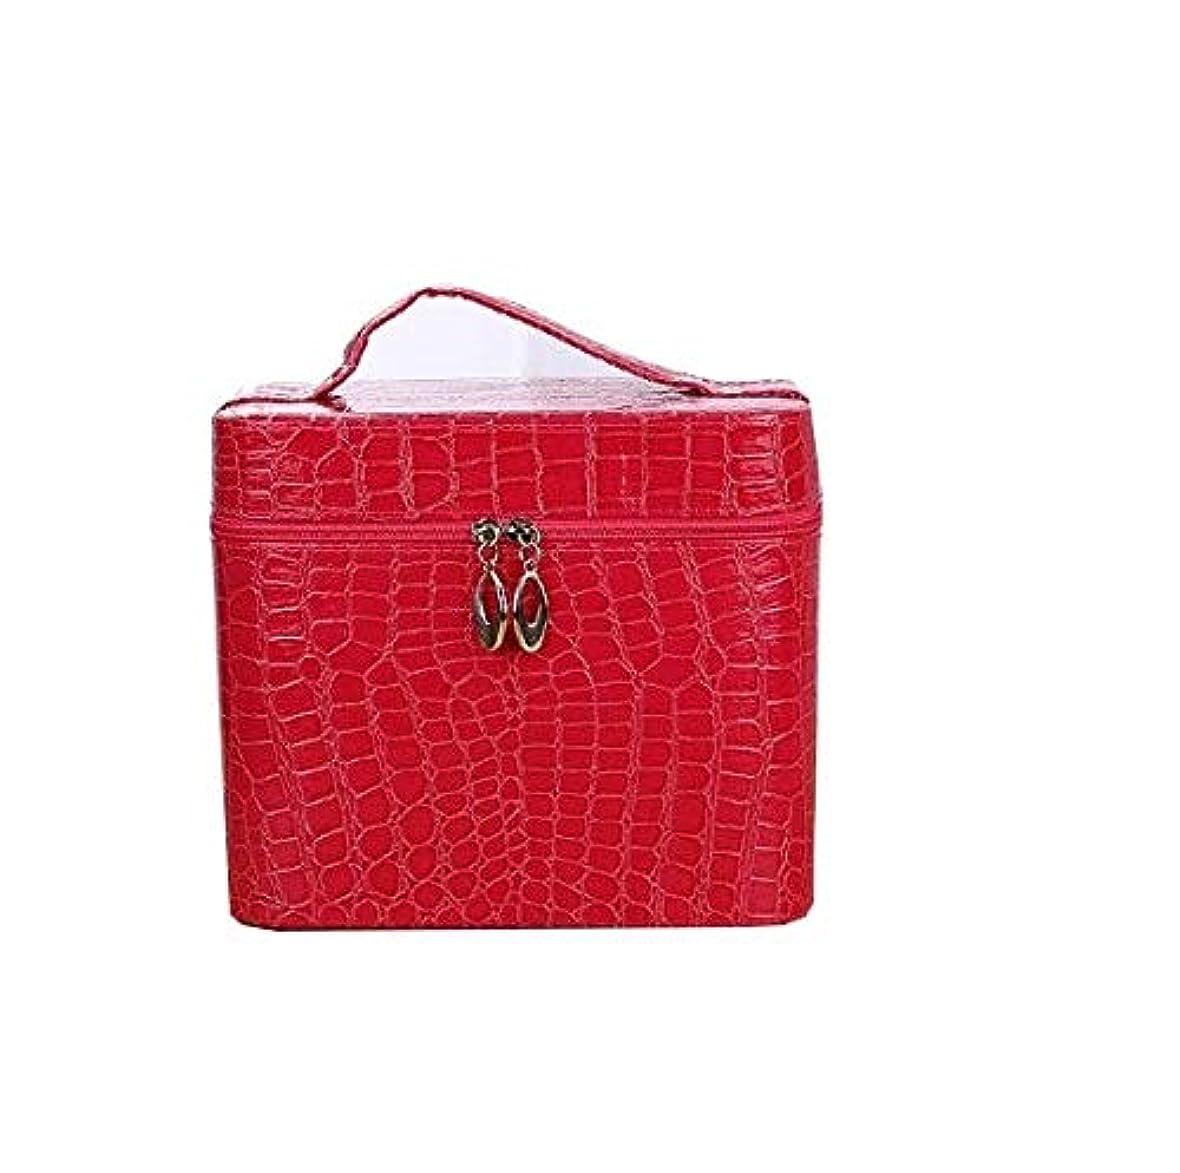 ラウズまたはちっちゃい化粧箱、赤、黒ワニ革ポータブル化粧品バッグ、ポータブルポータブル旅行化粧品ケース、美容ネイルジュエリー収納ボックス (Color : Red)